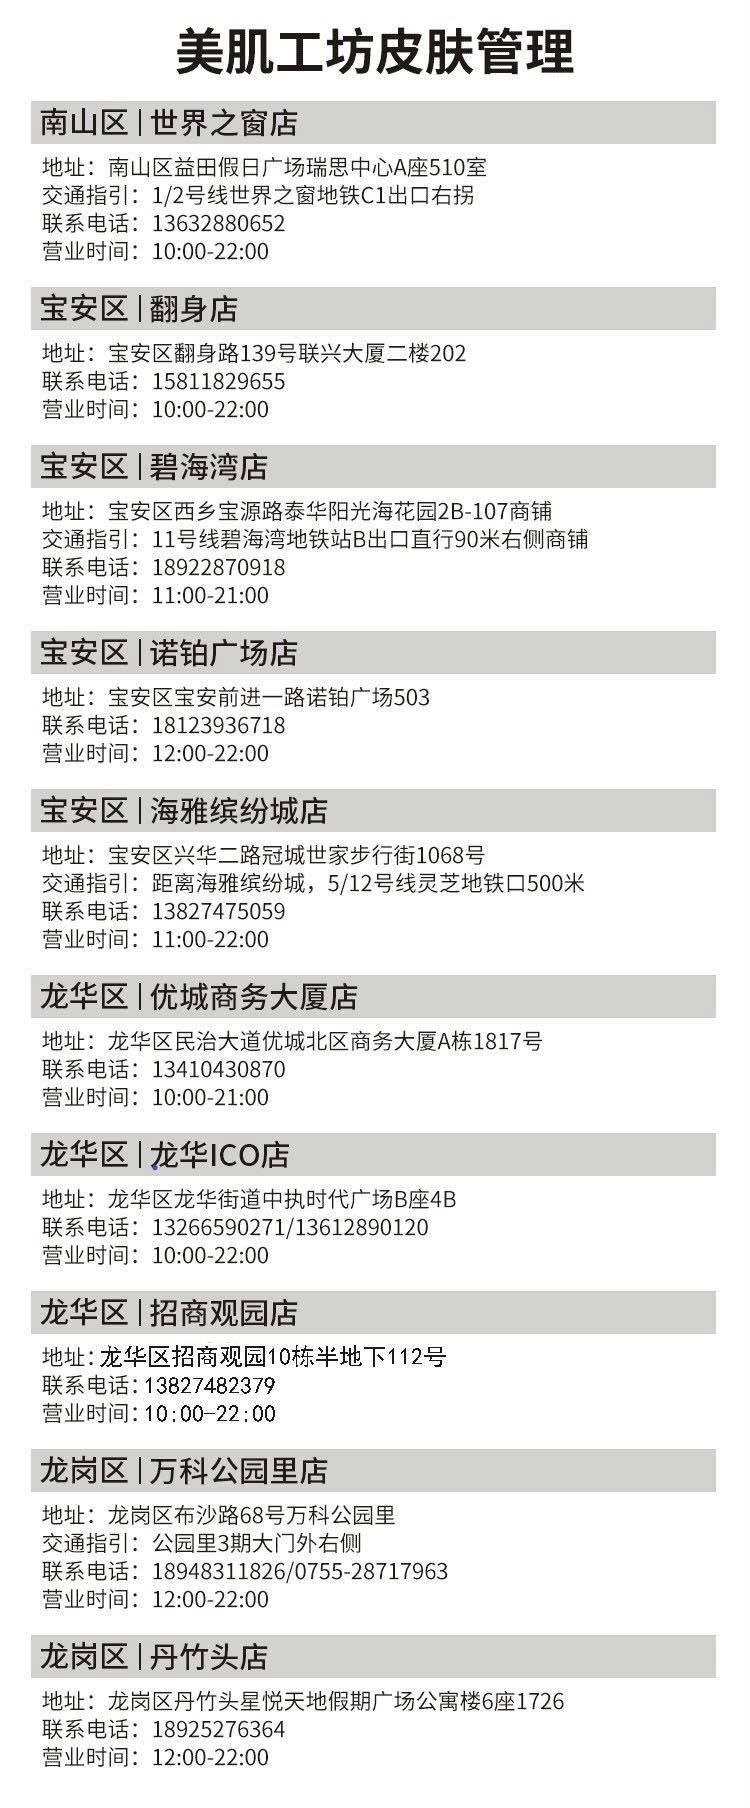 【深圳10店通用·美容】限量100份,售完即涨!58元抢699元『美肌工坊皮肤管理』美容套餐